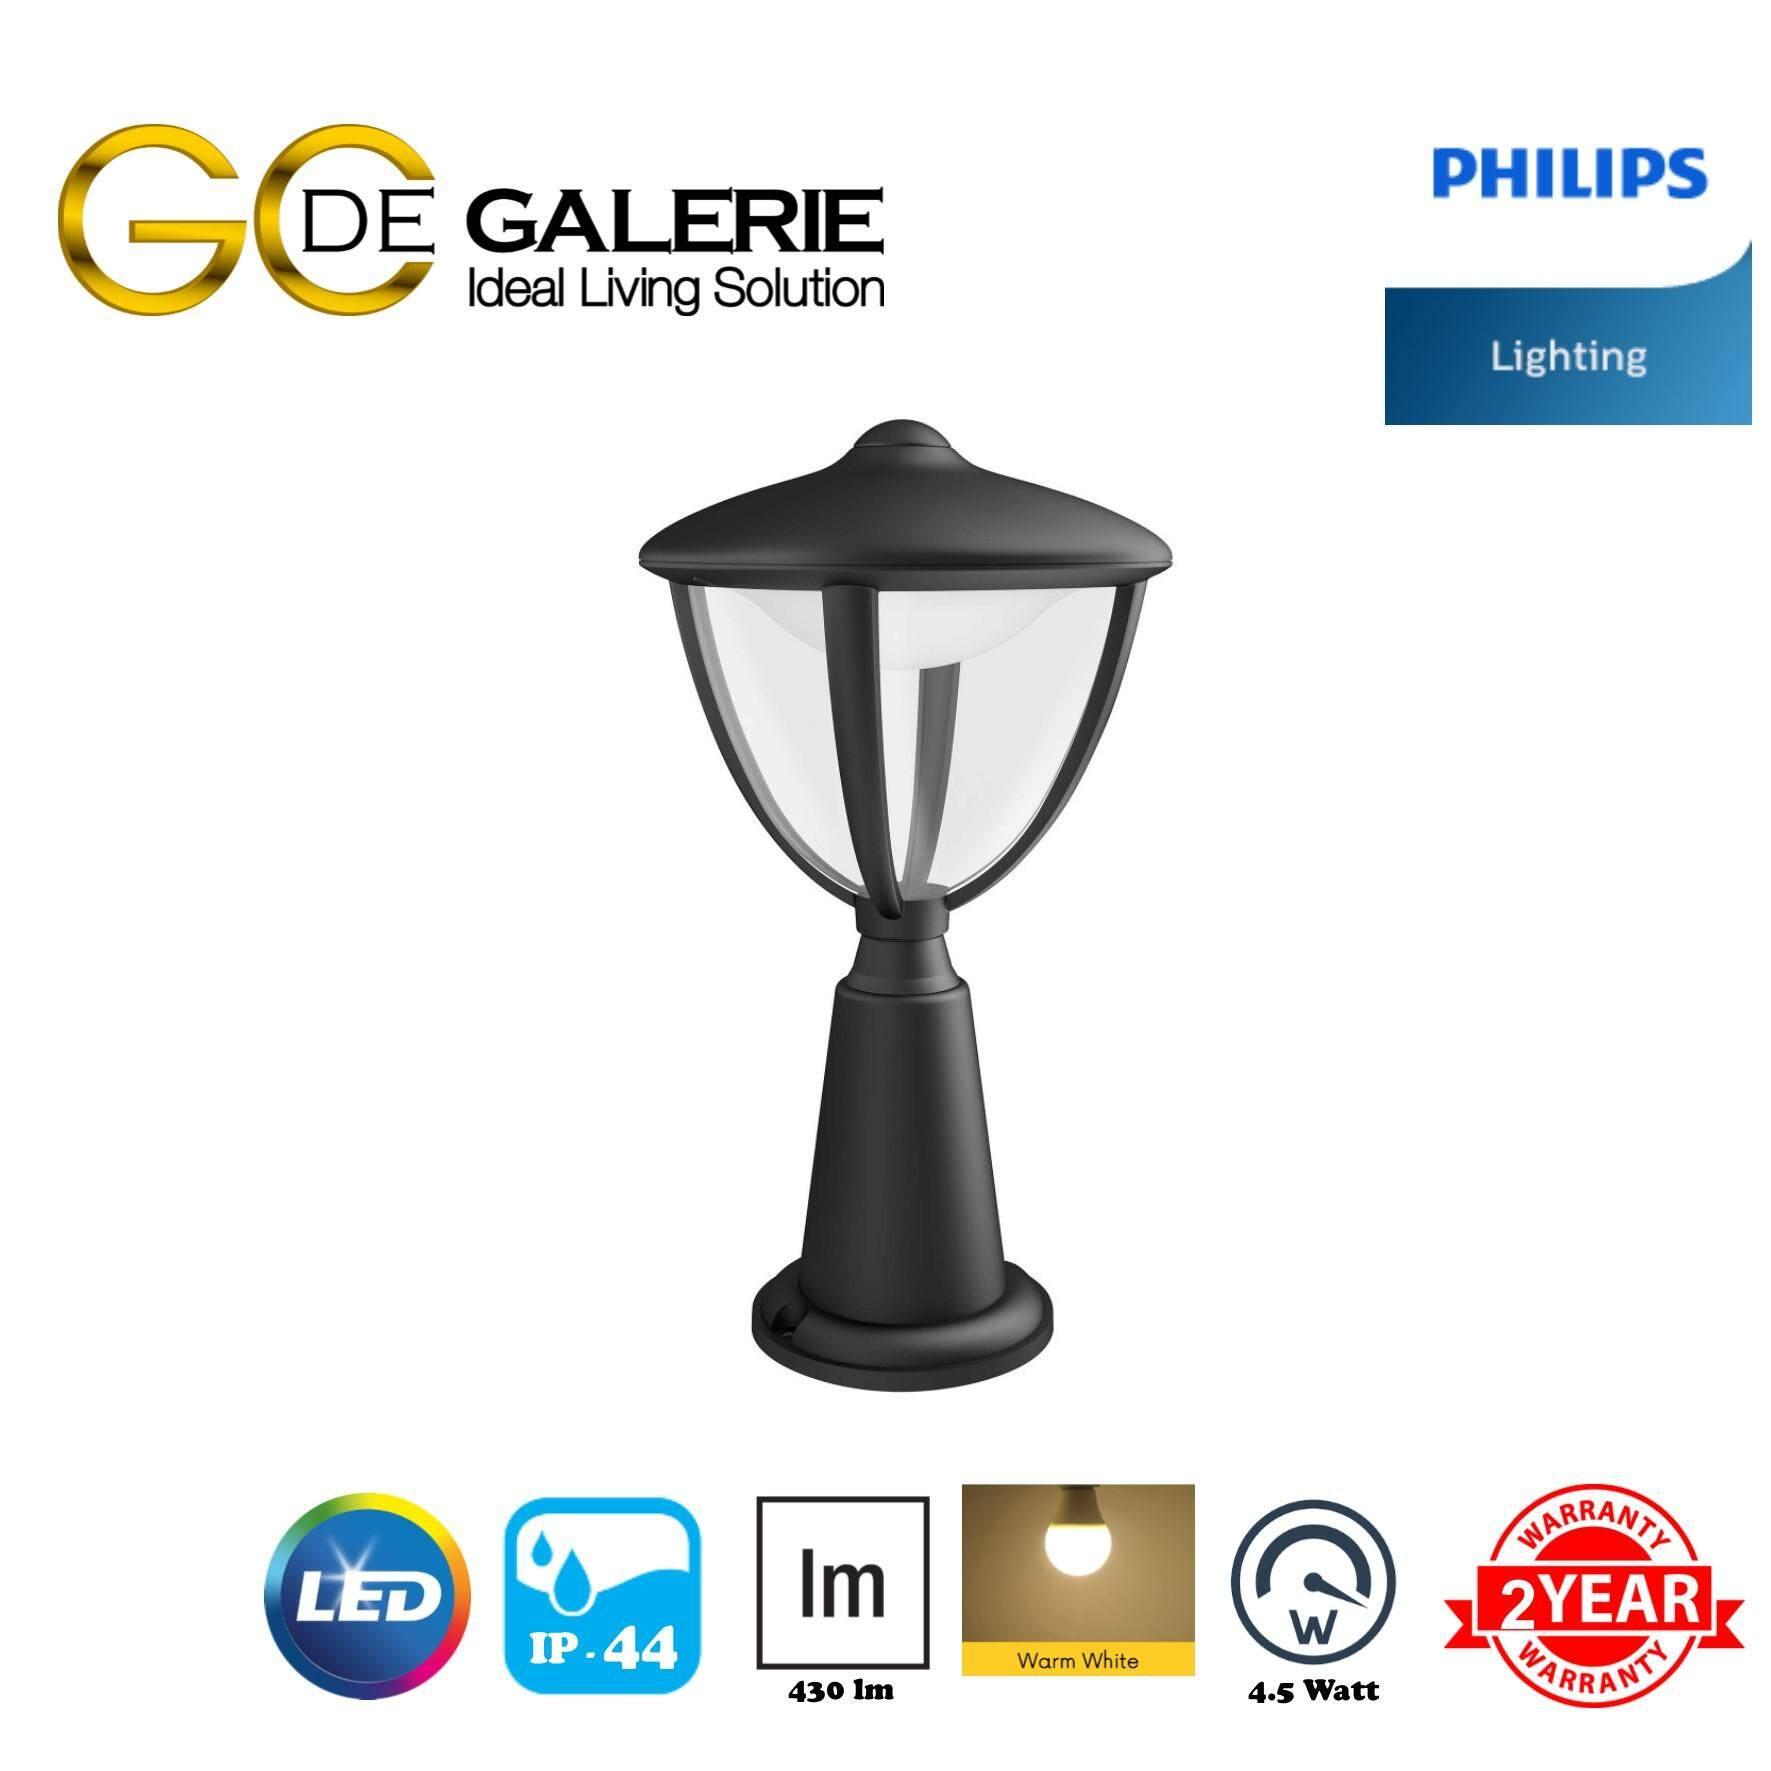 GARDEN LIGHT LED PHILIPS 15472 ROBIN PEDESTAL BK 1X7W 230